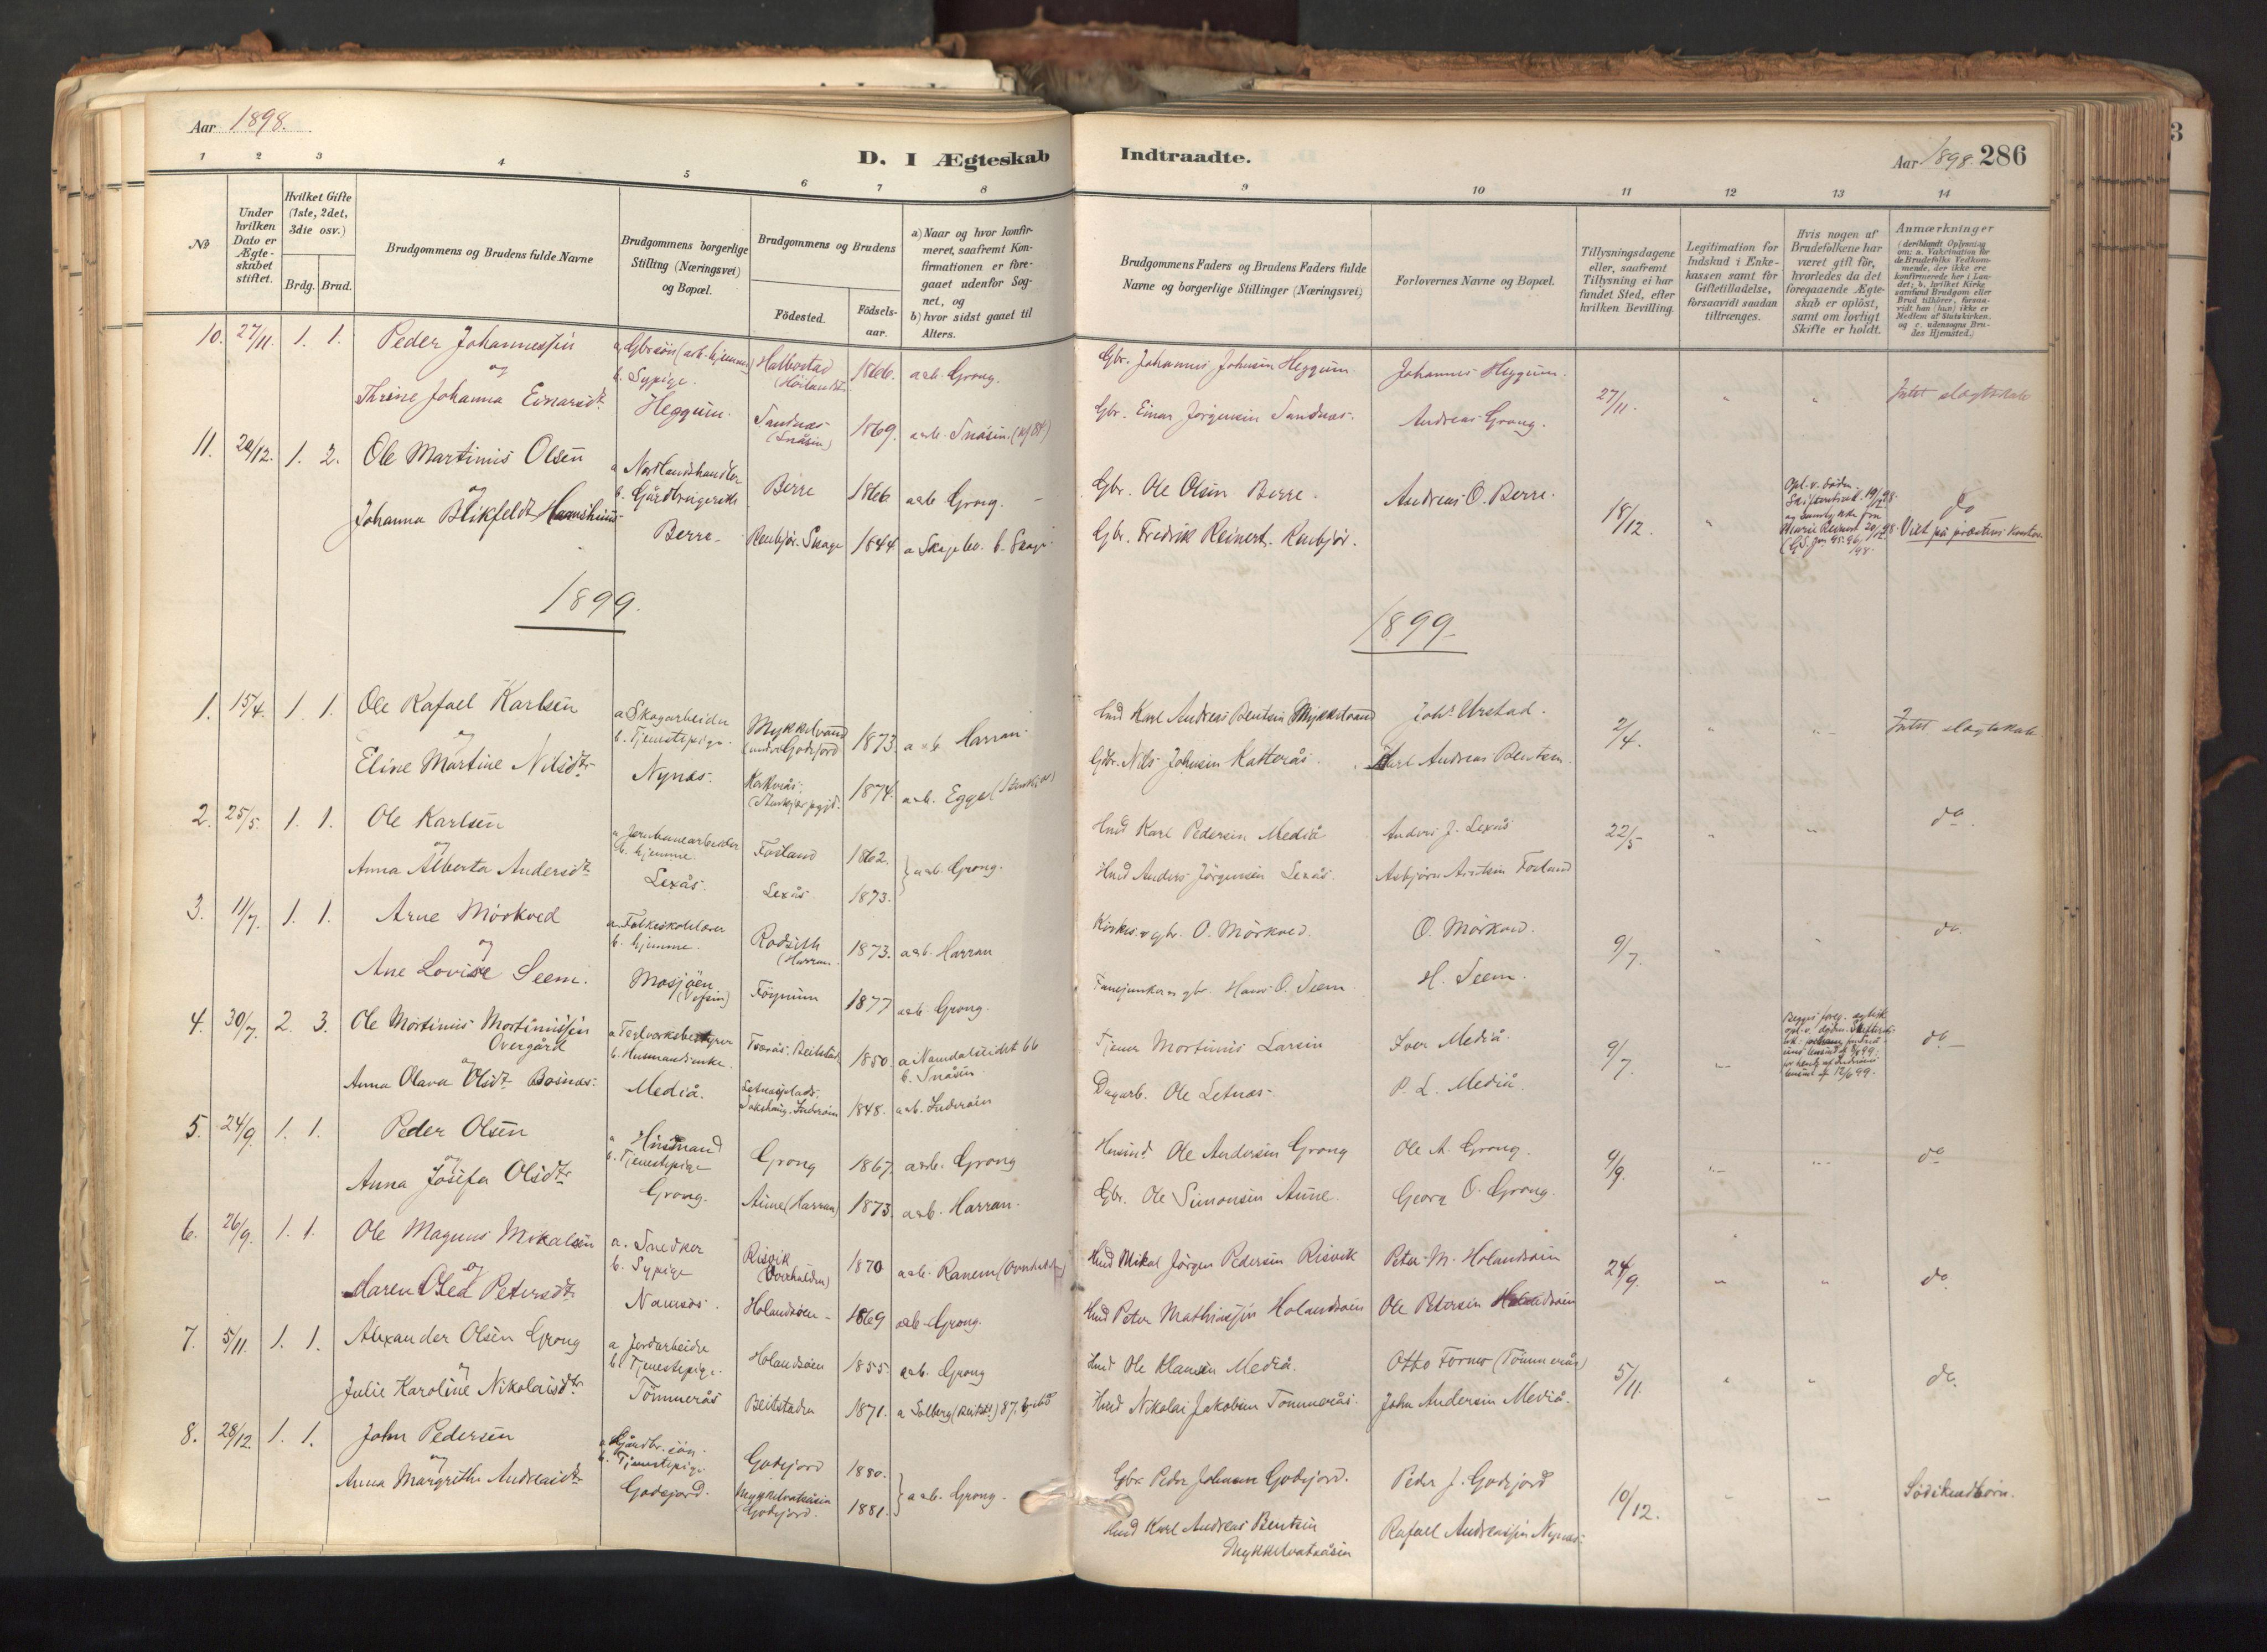 SAT, Ministerialprotokoller, klokkerbøker og fødselsregistre - Nord-Trøndelag, 758/L0519: Ministerialbok nr. 758A04, 1880-1926, s. 286